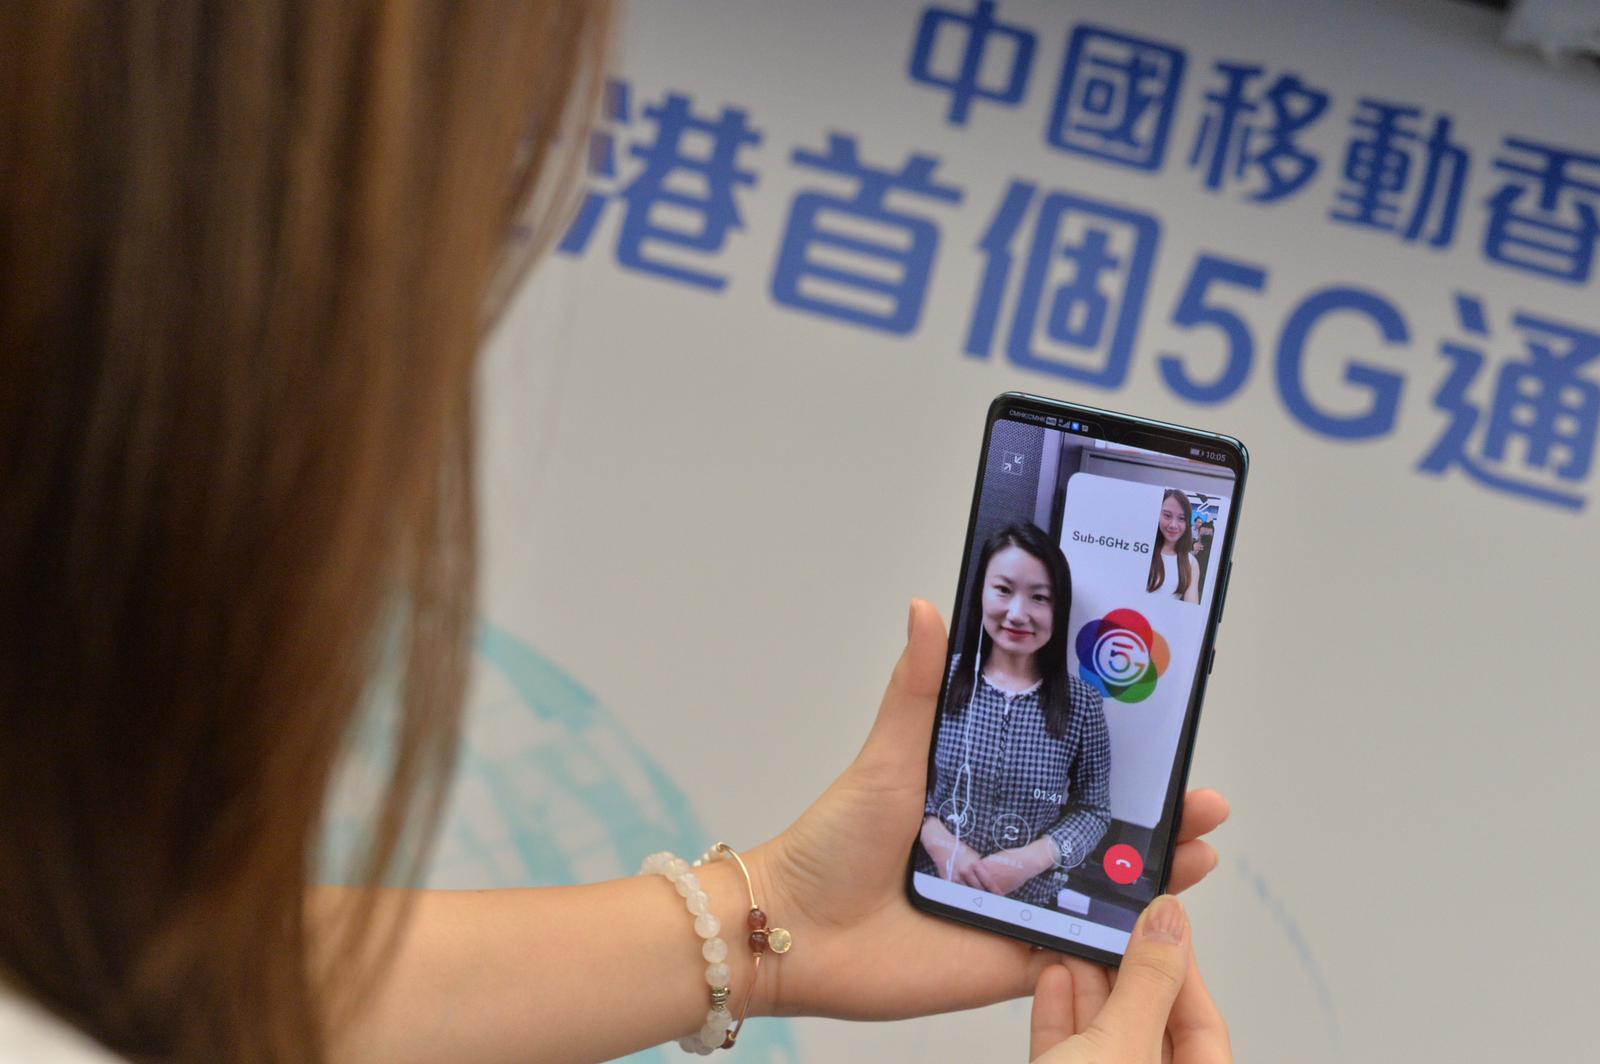 中移動以5G手機通過5G網絡,接通全港首個本地及跨境語音通話及視像通話。